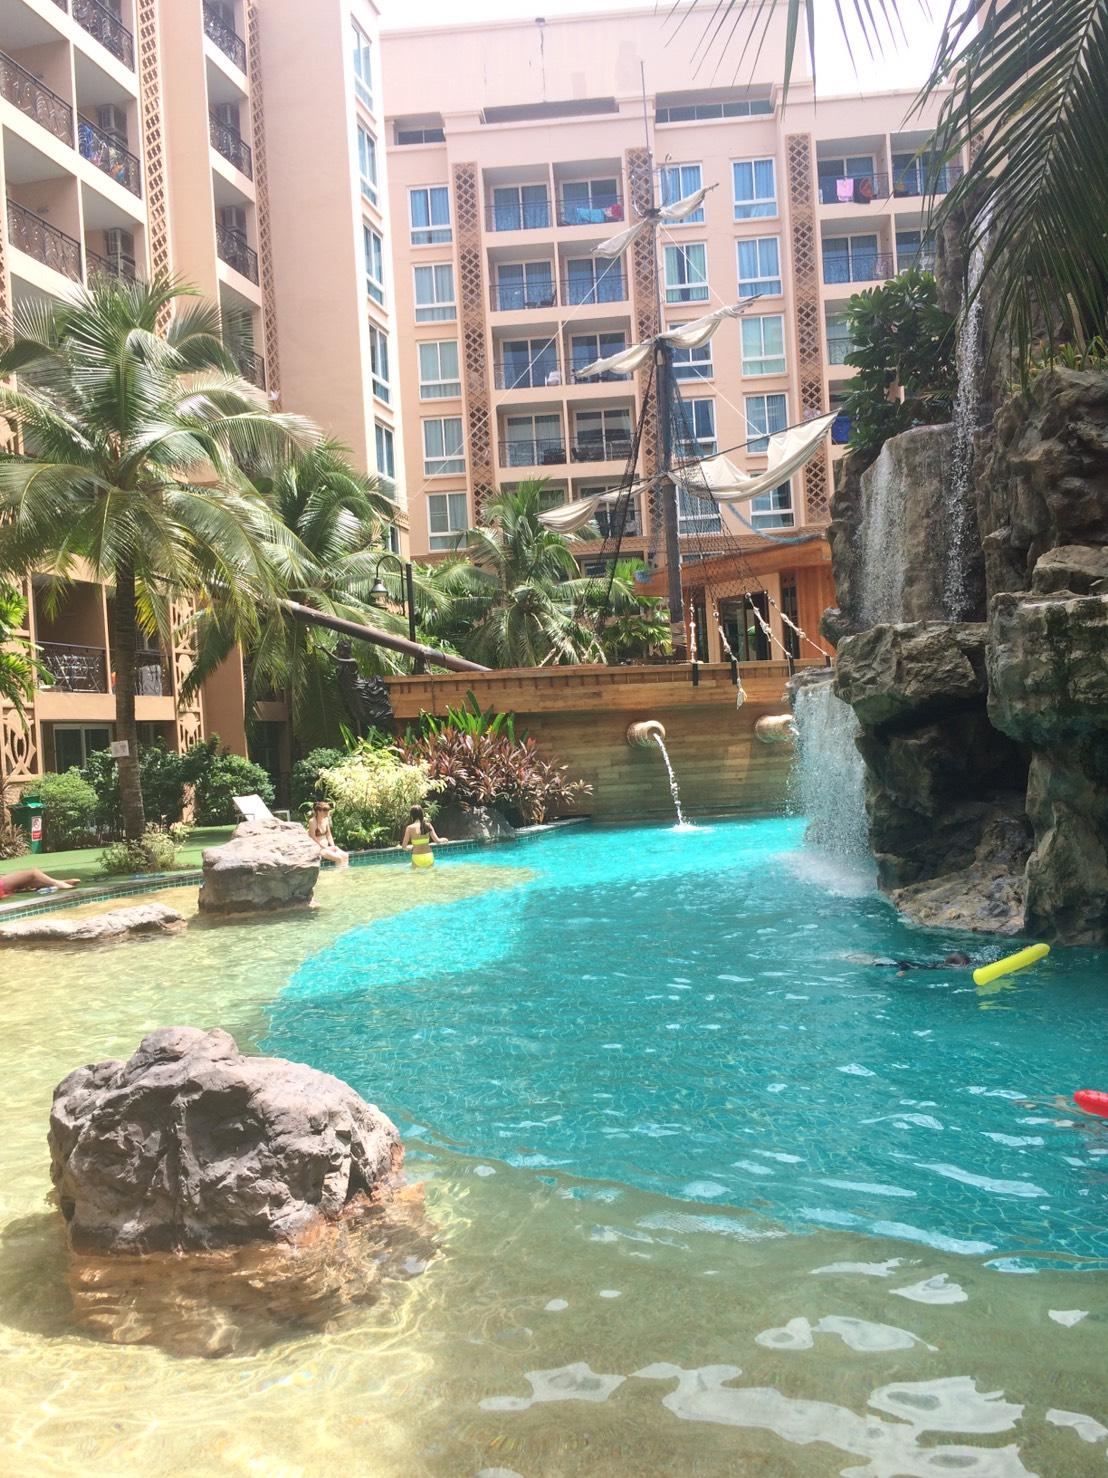 Atlantis condo resort pattaya in jomtien pattaya for rent for Atlantis condo